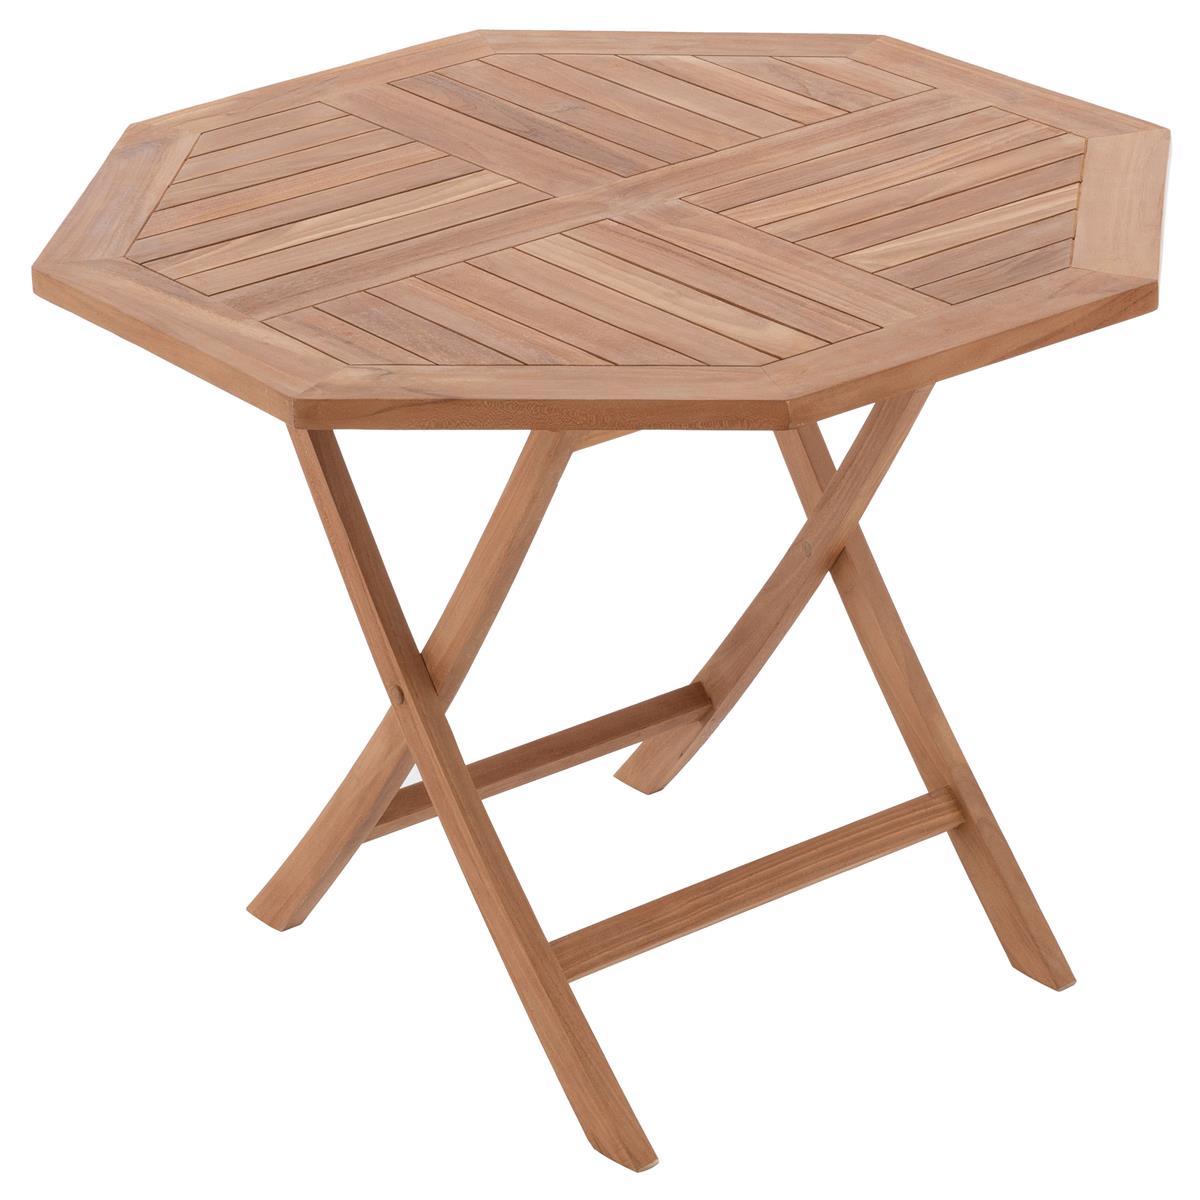 Full Size of Grillwagen Ikea Divero Balkontisch Gartentisch Tisch Holz Teak Klappbar Behandelt Sofa Mit Schlaffunktion Betten Bei Modulküche Küche Kosten Miniküche Wohnzimmer Grillwagen Ikea